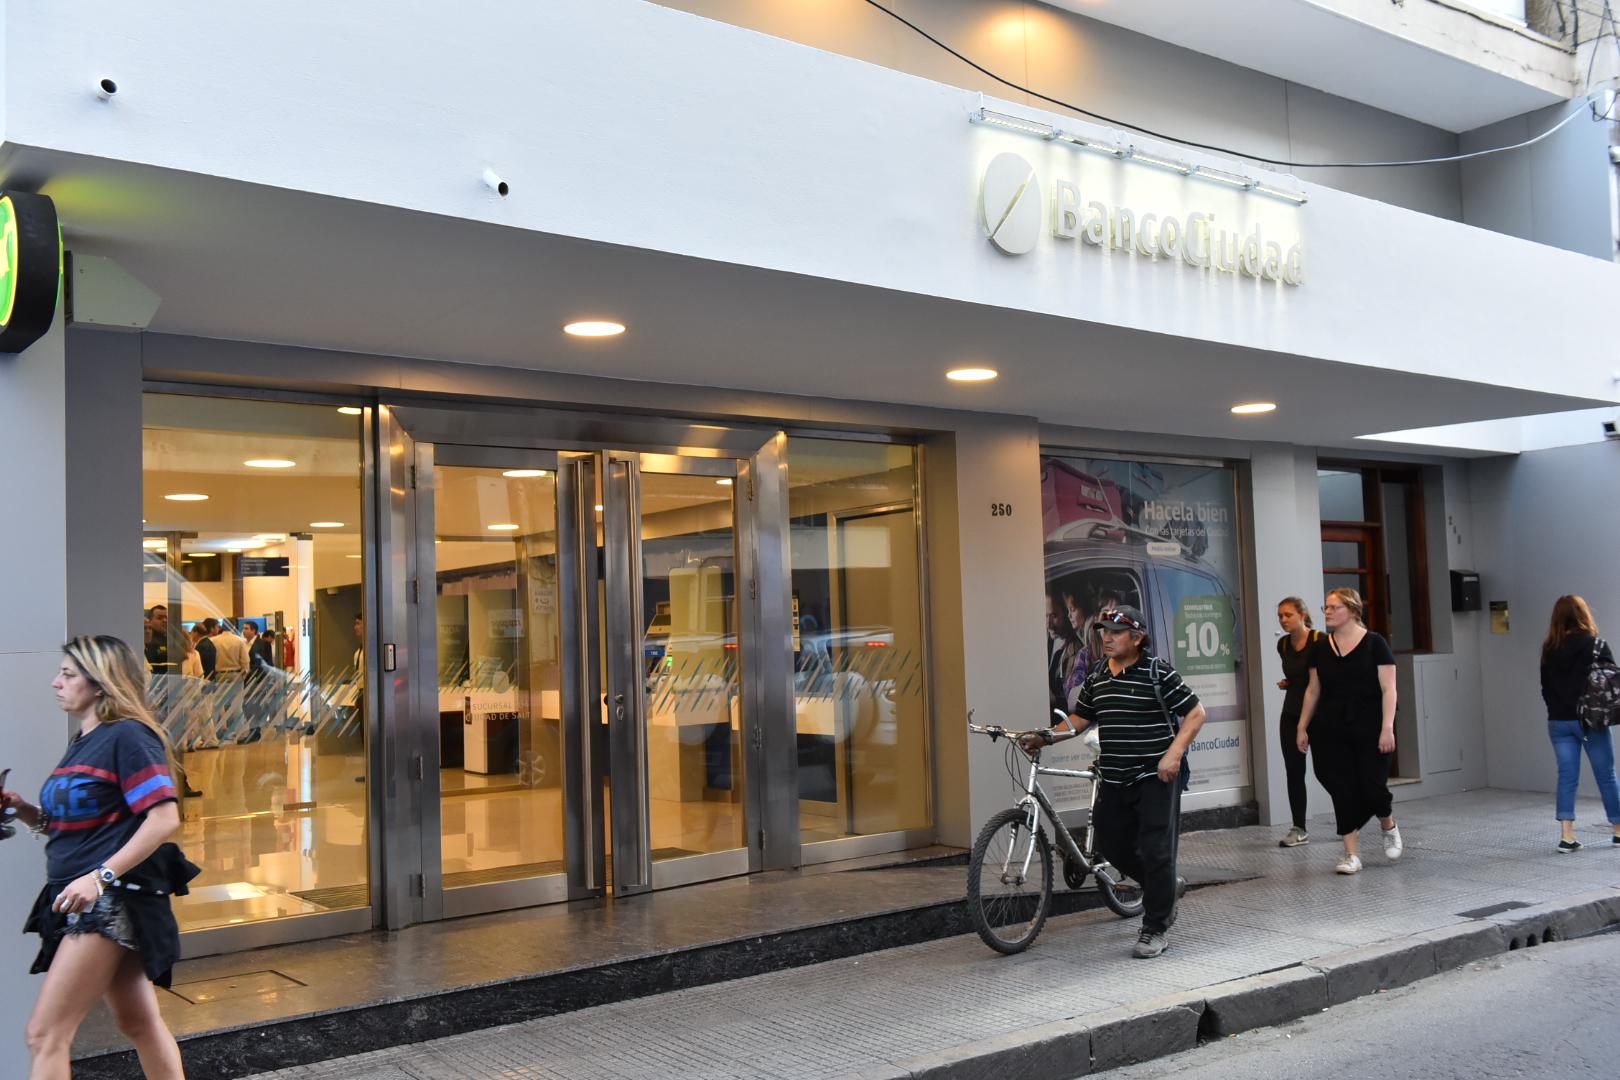 Banco Ciudad tambien en Salta Capital